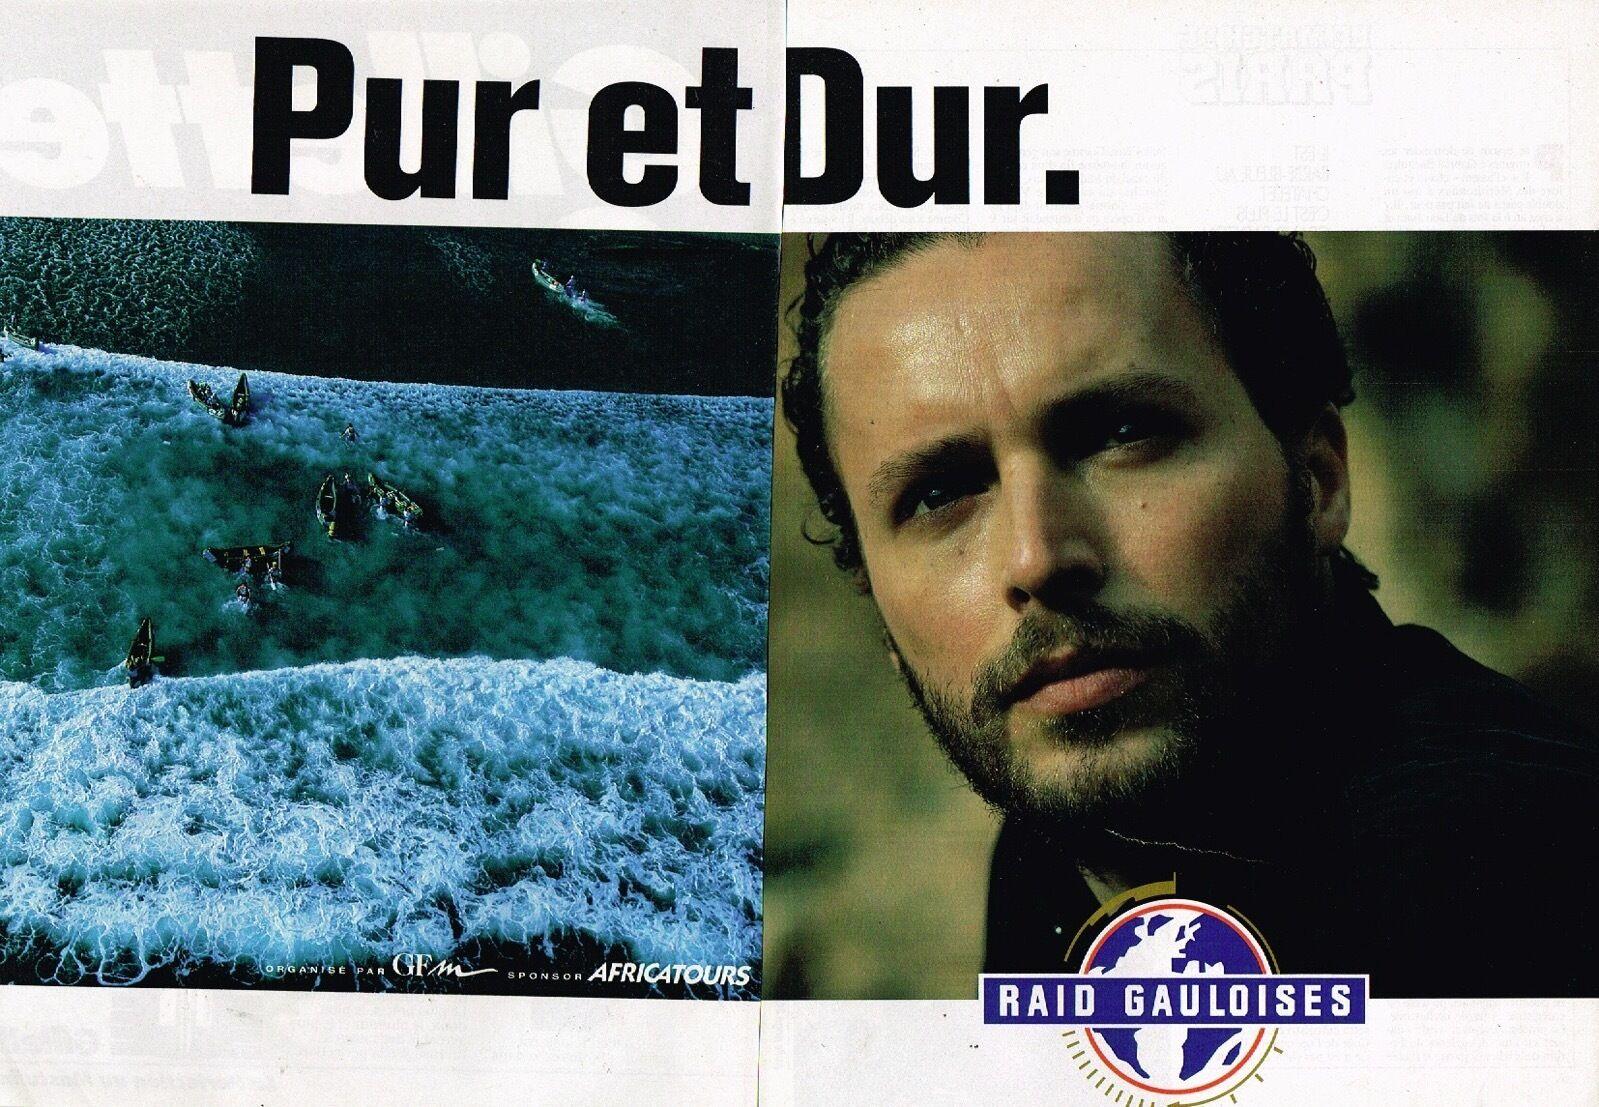 1991 Raid Gauloises